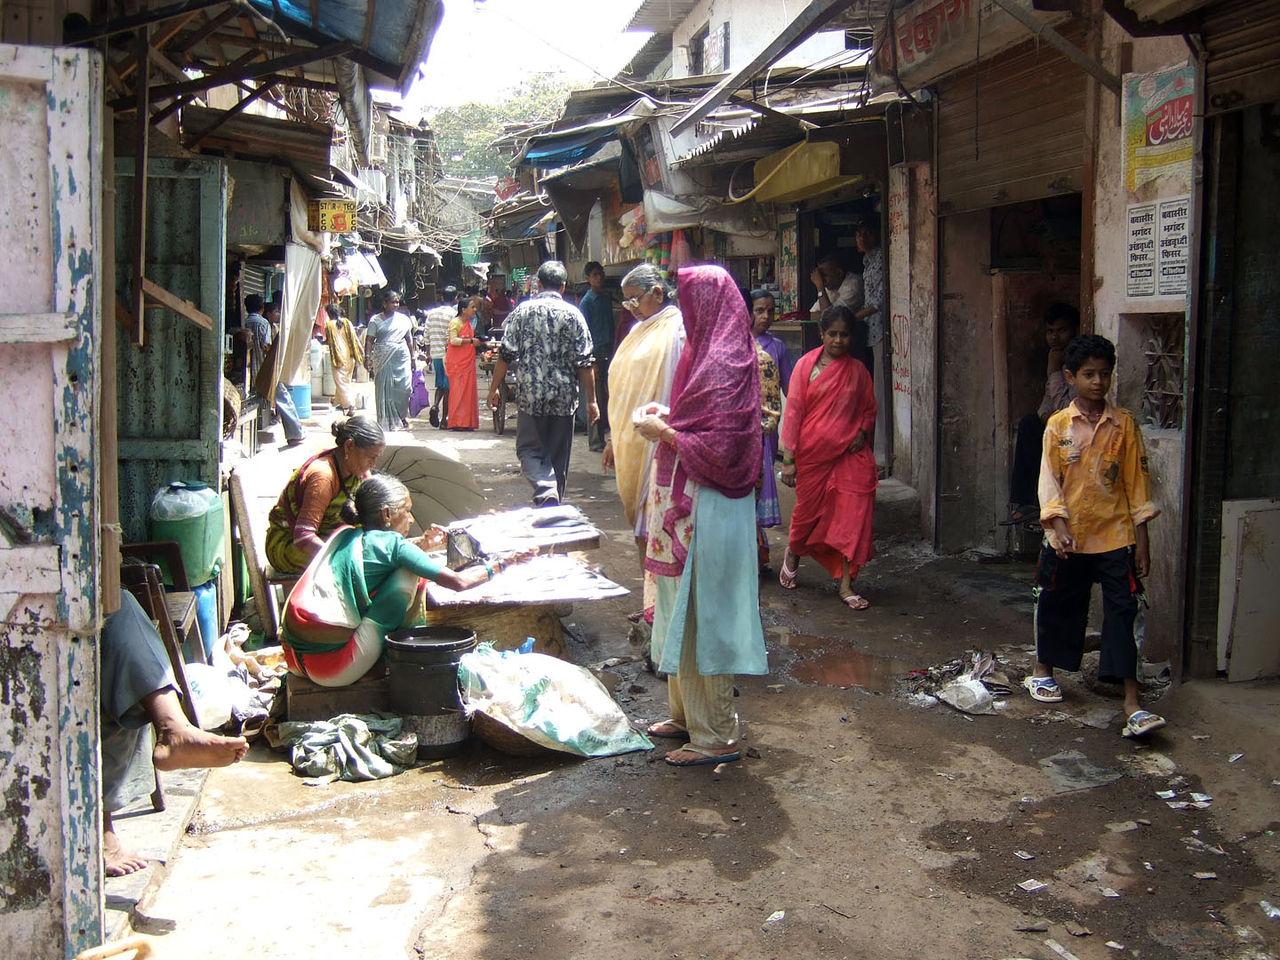 Le bidonville de Dharavi, à Mumbai, est le plus grand d'Asie ©Kounosu